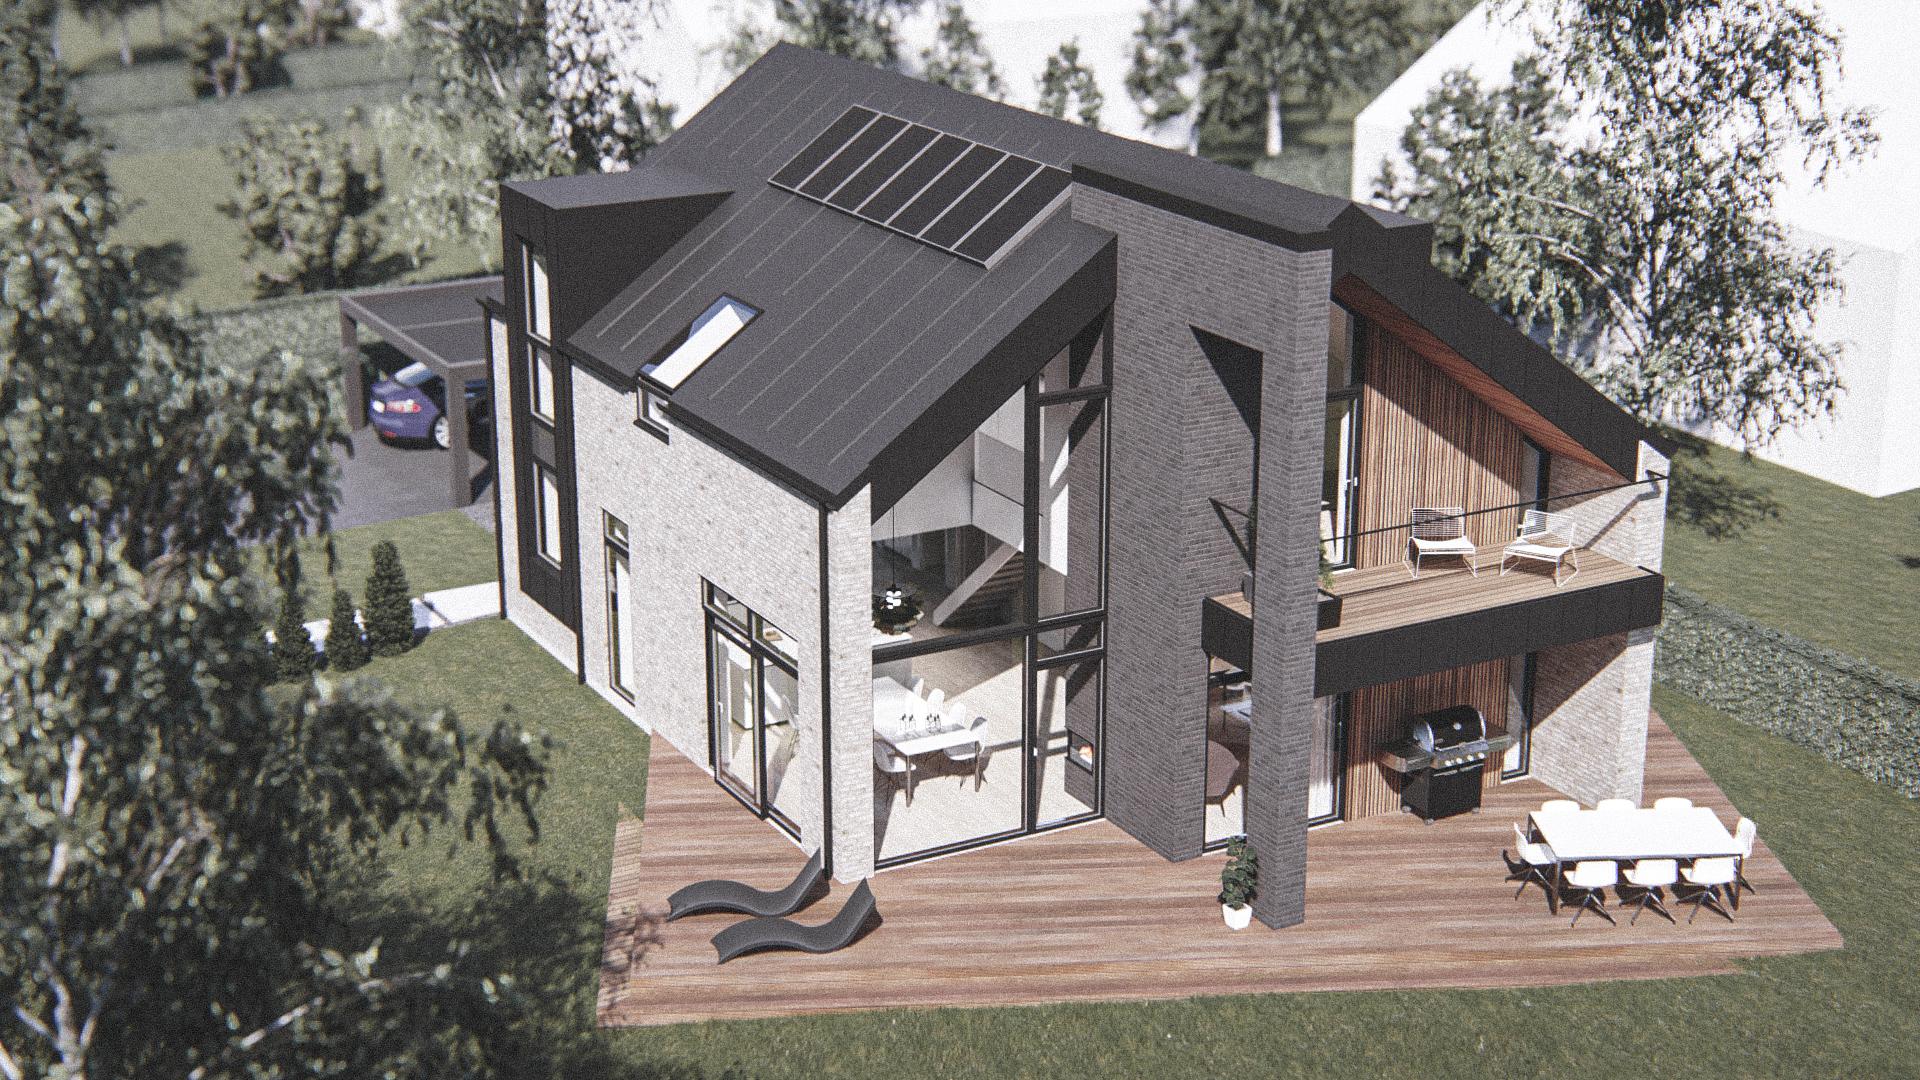 Billede af Dansk arkitekttegnet 2 plan villa af arkitektfirmaet m2plus, i Svendborg på 201 kvartratmeter.